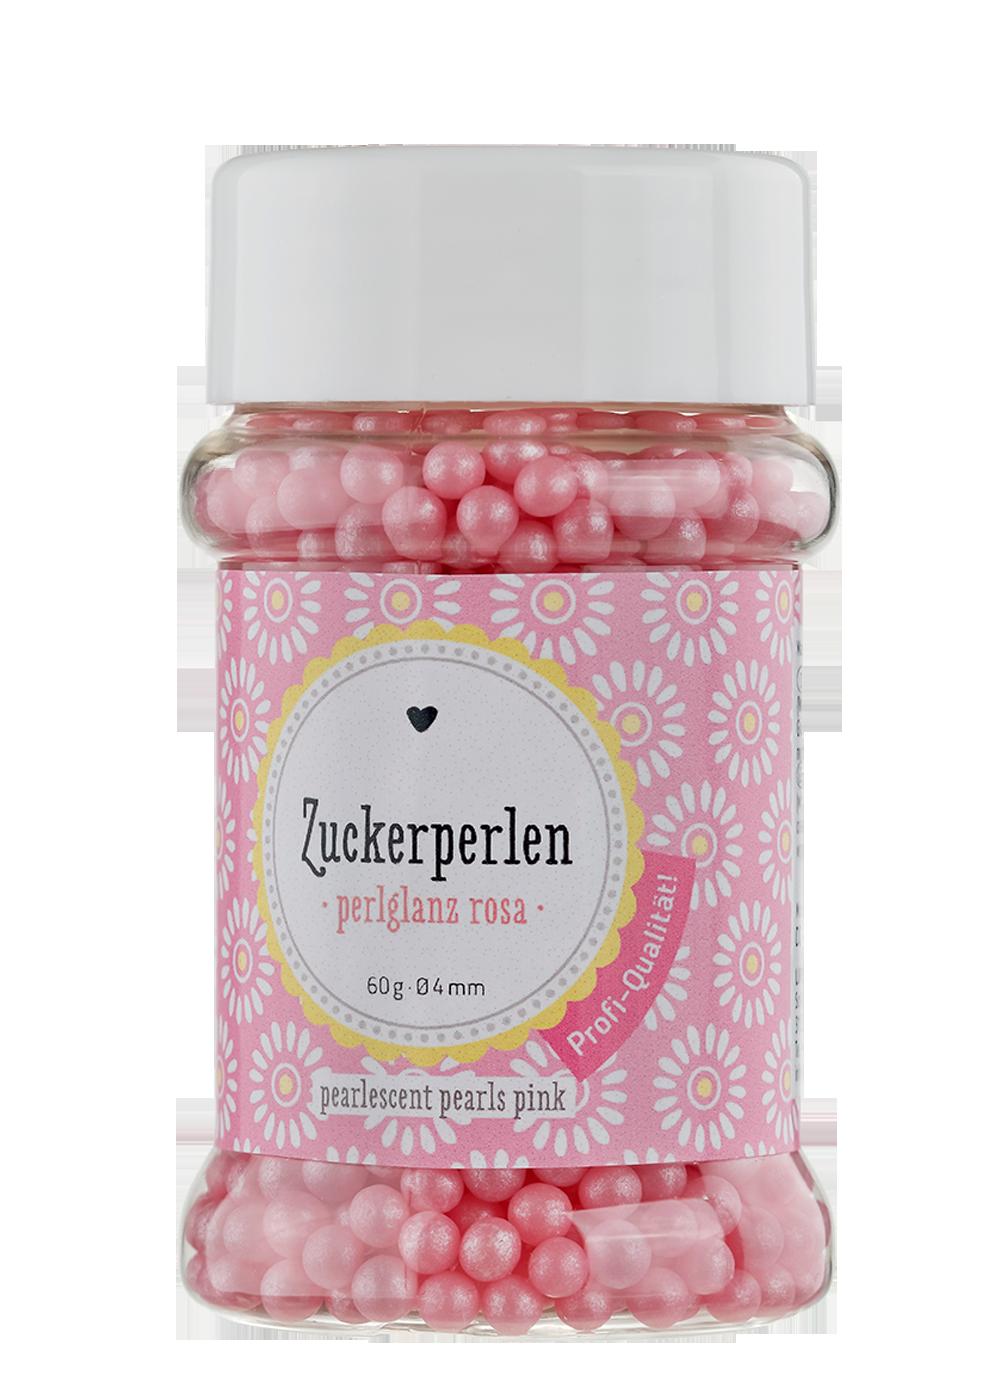 Zuckerperlen Perlglanz rosa Ø4mm 60g Dose